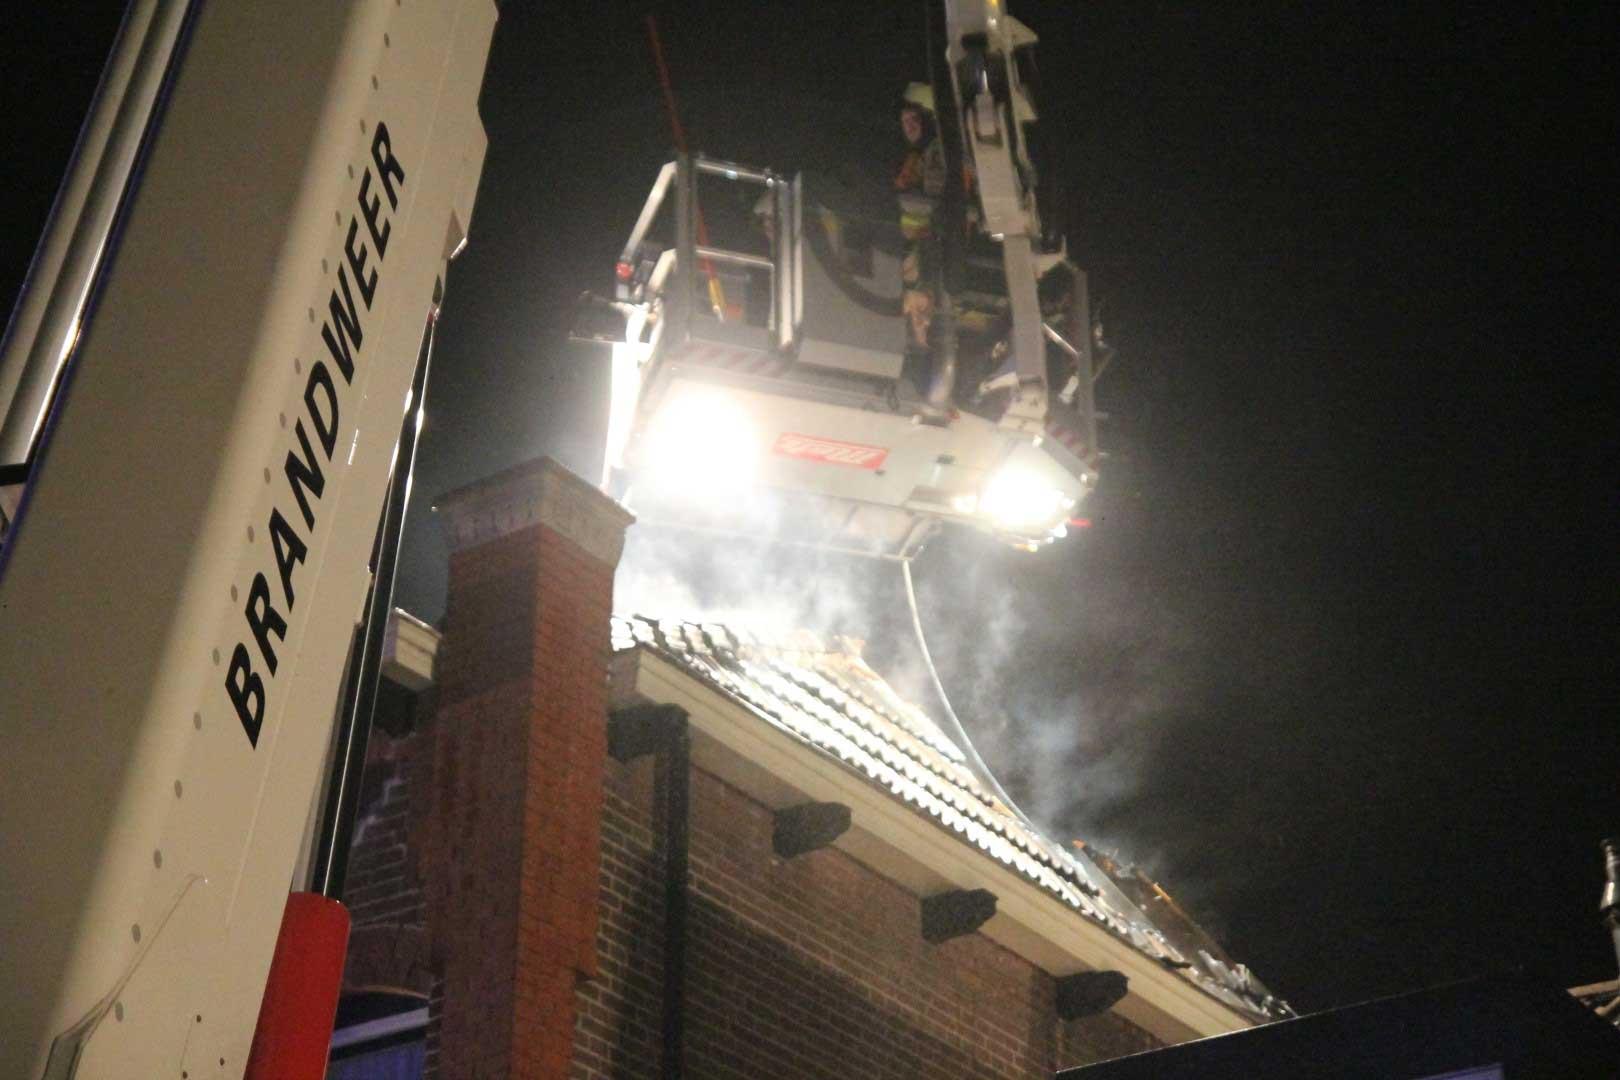 hoogwerker-brandweer-dak